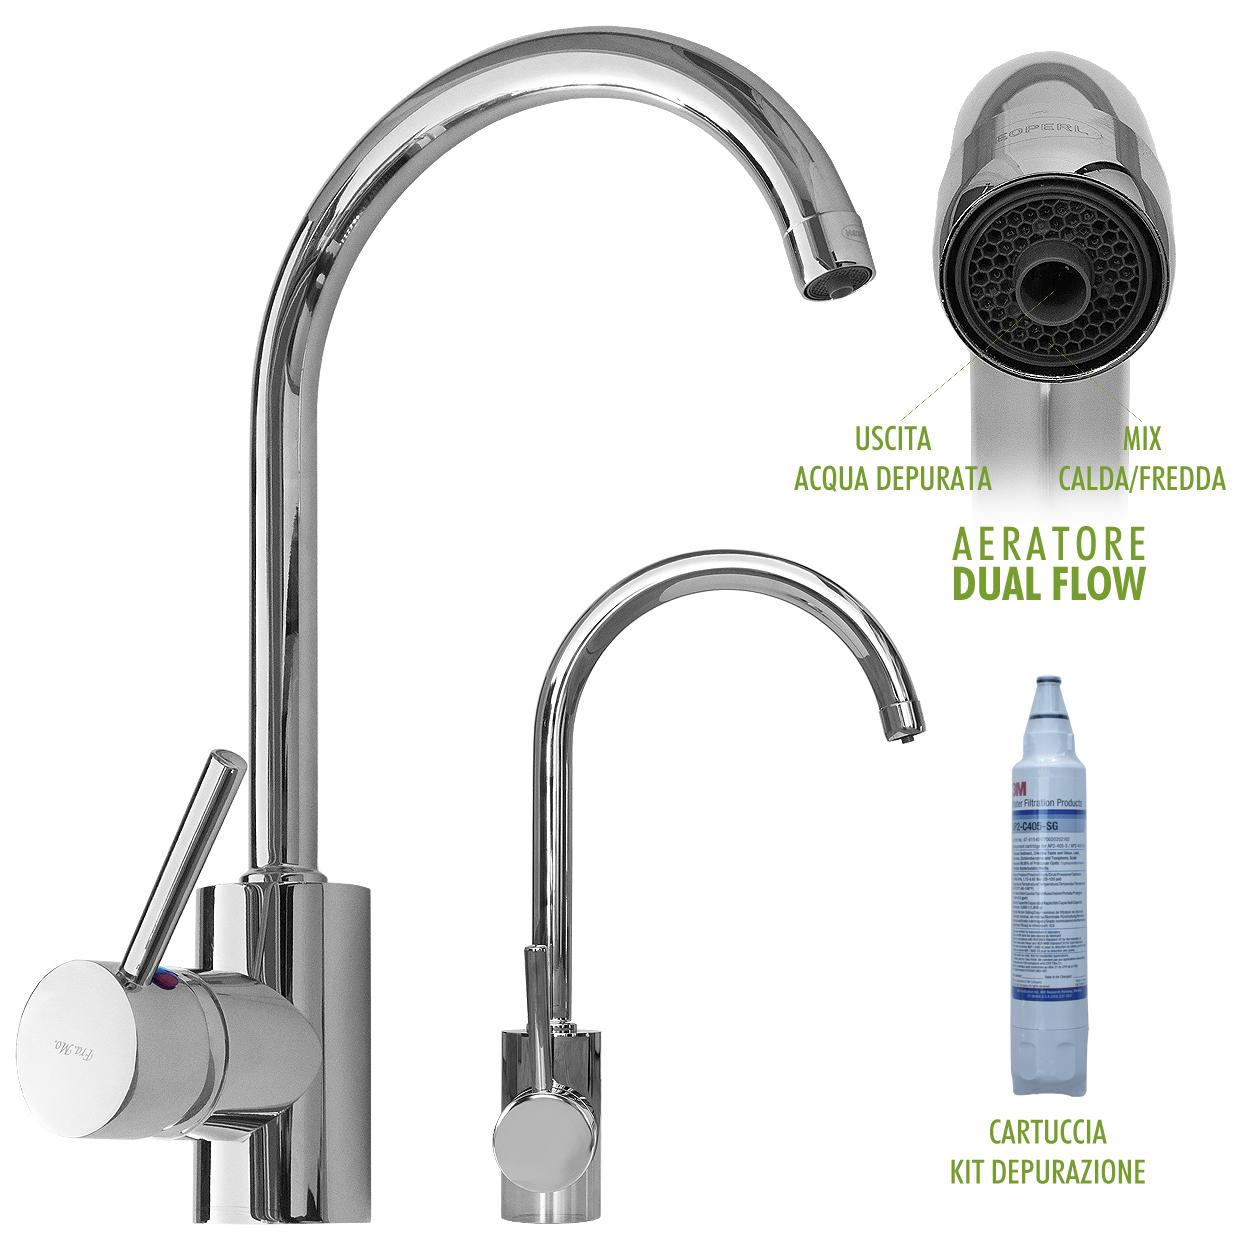 Miscelatore cucina lavello con kit per la depurazione dell'acqua